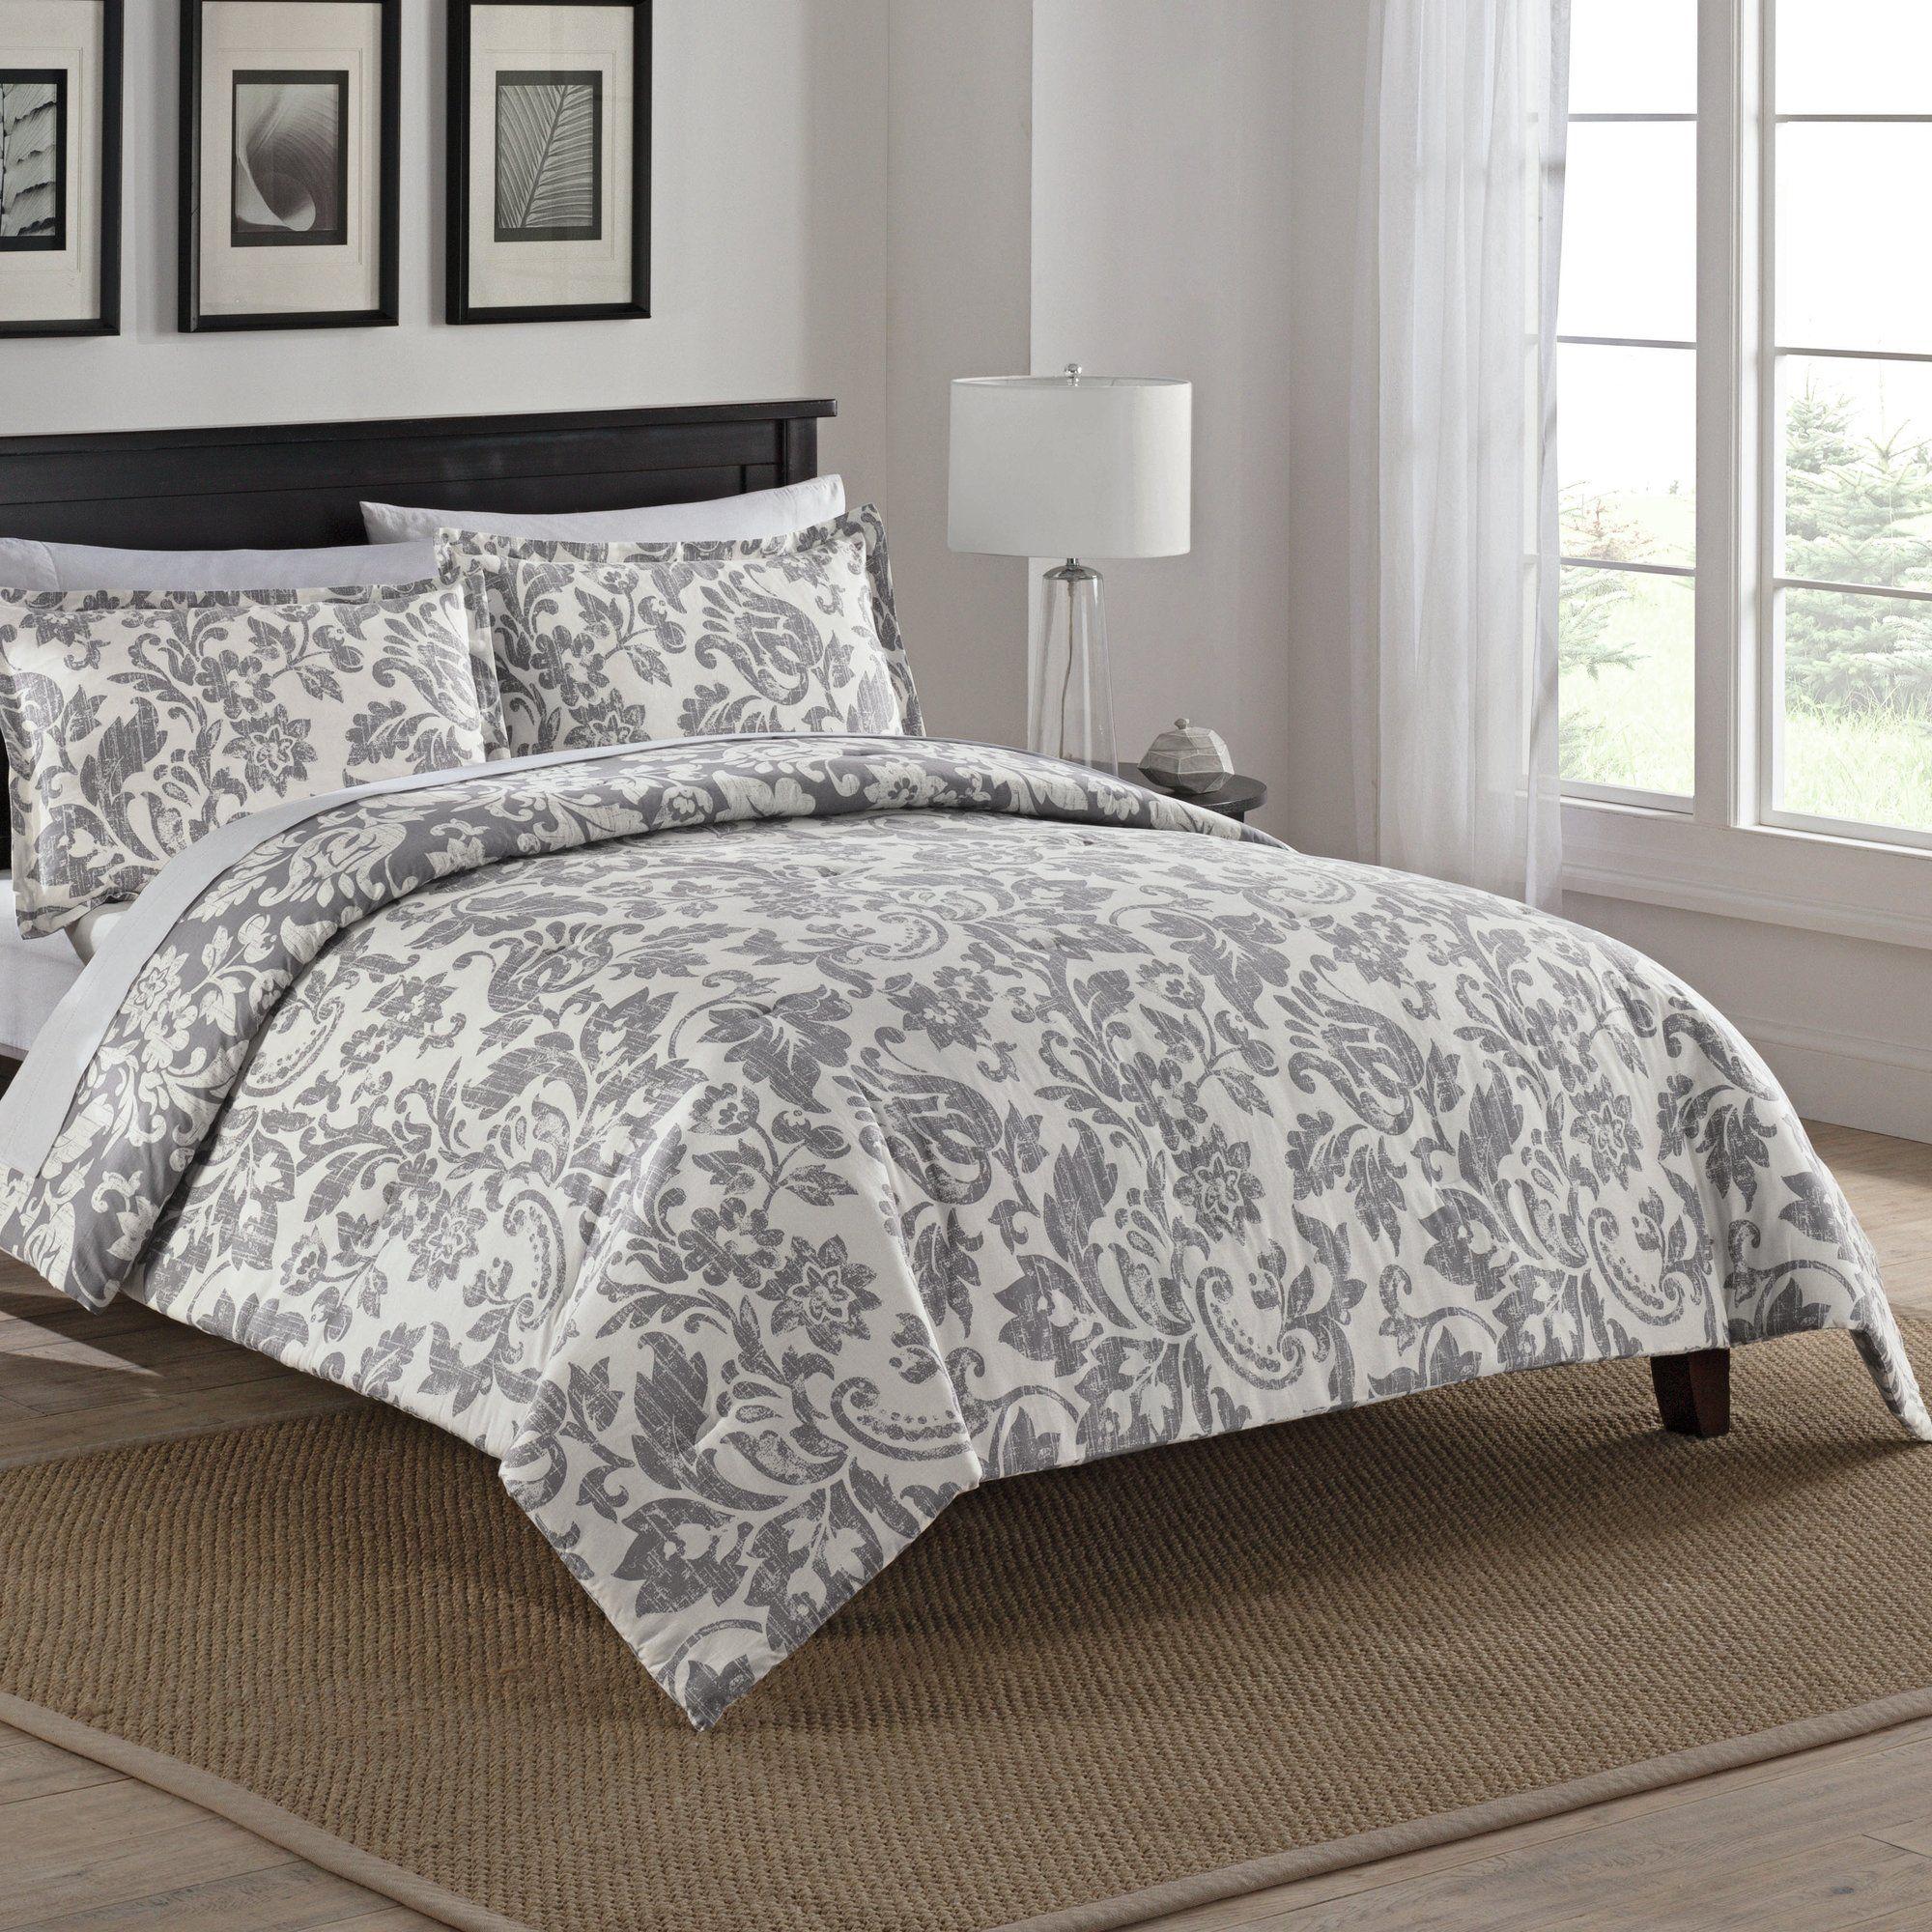 Bungalow 100 cotton 3 piece reversible comforter set